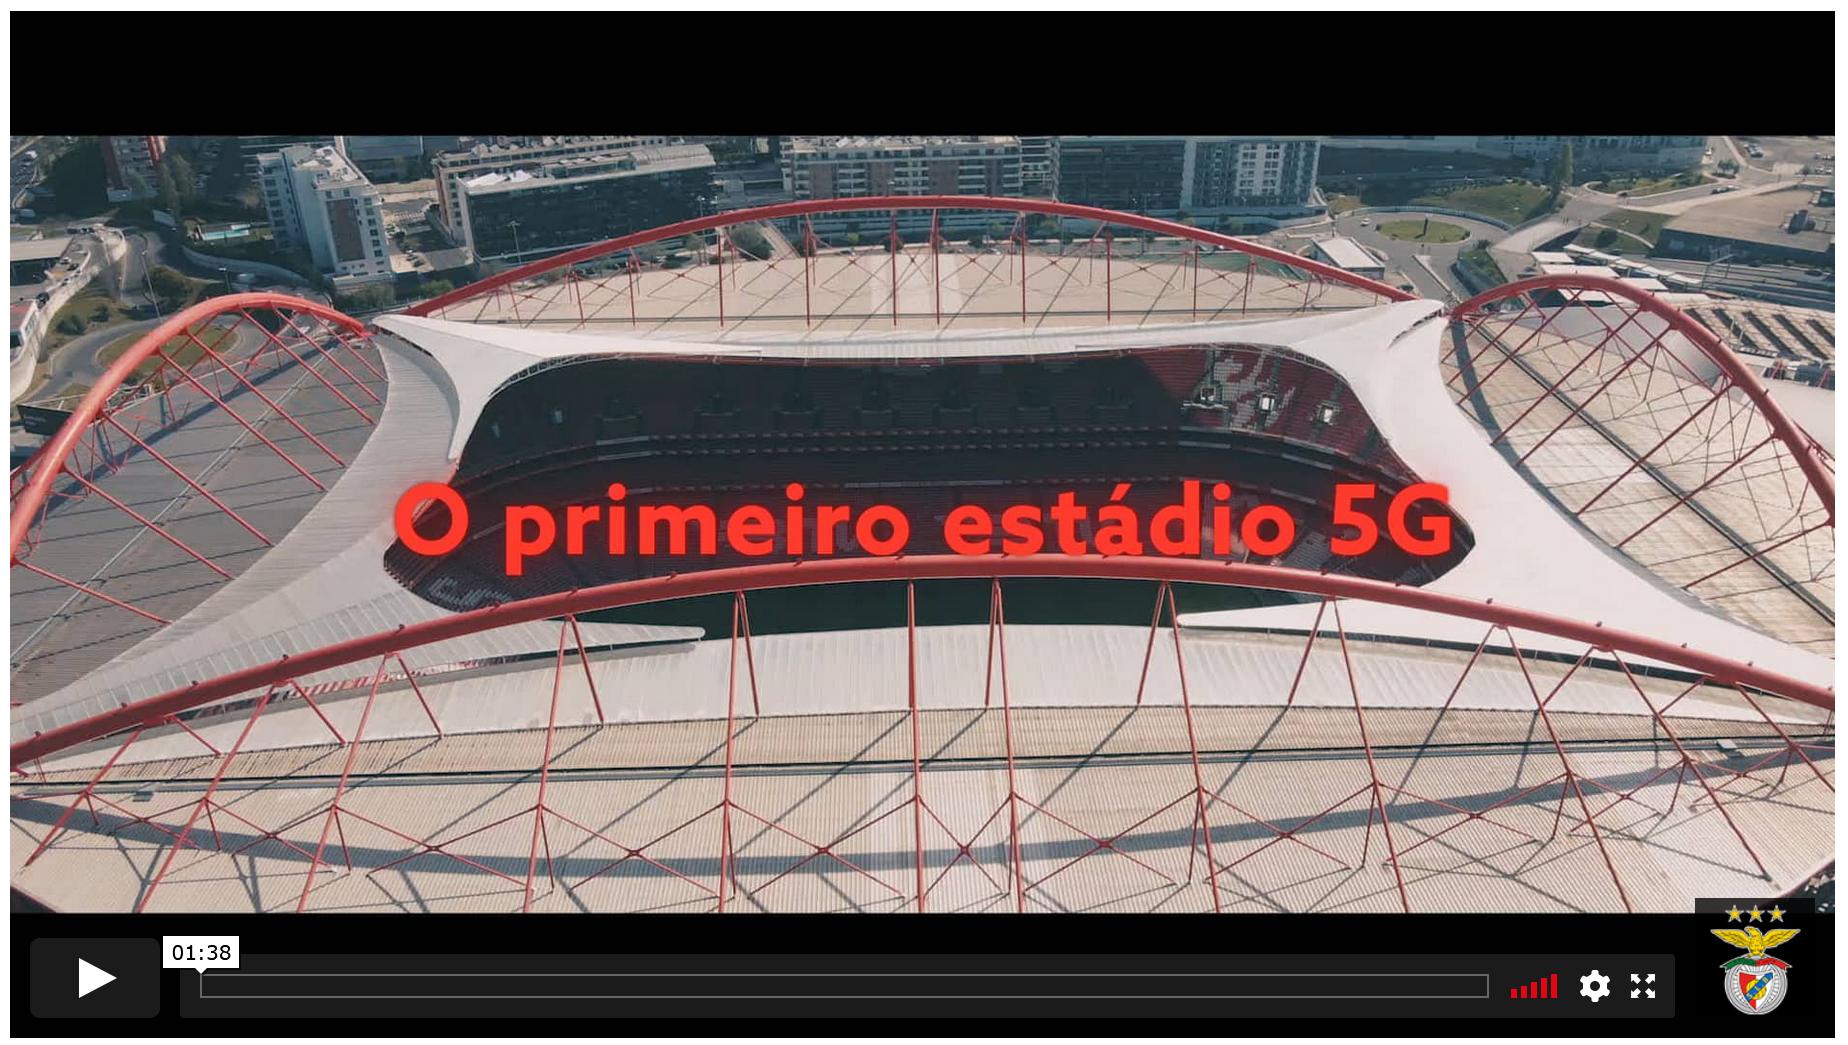 Benfica - o primeiro estádio 5G